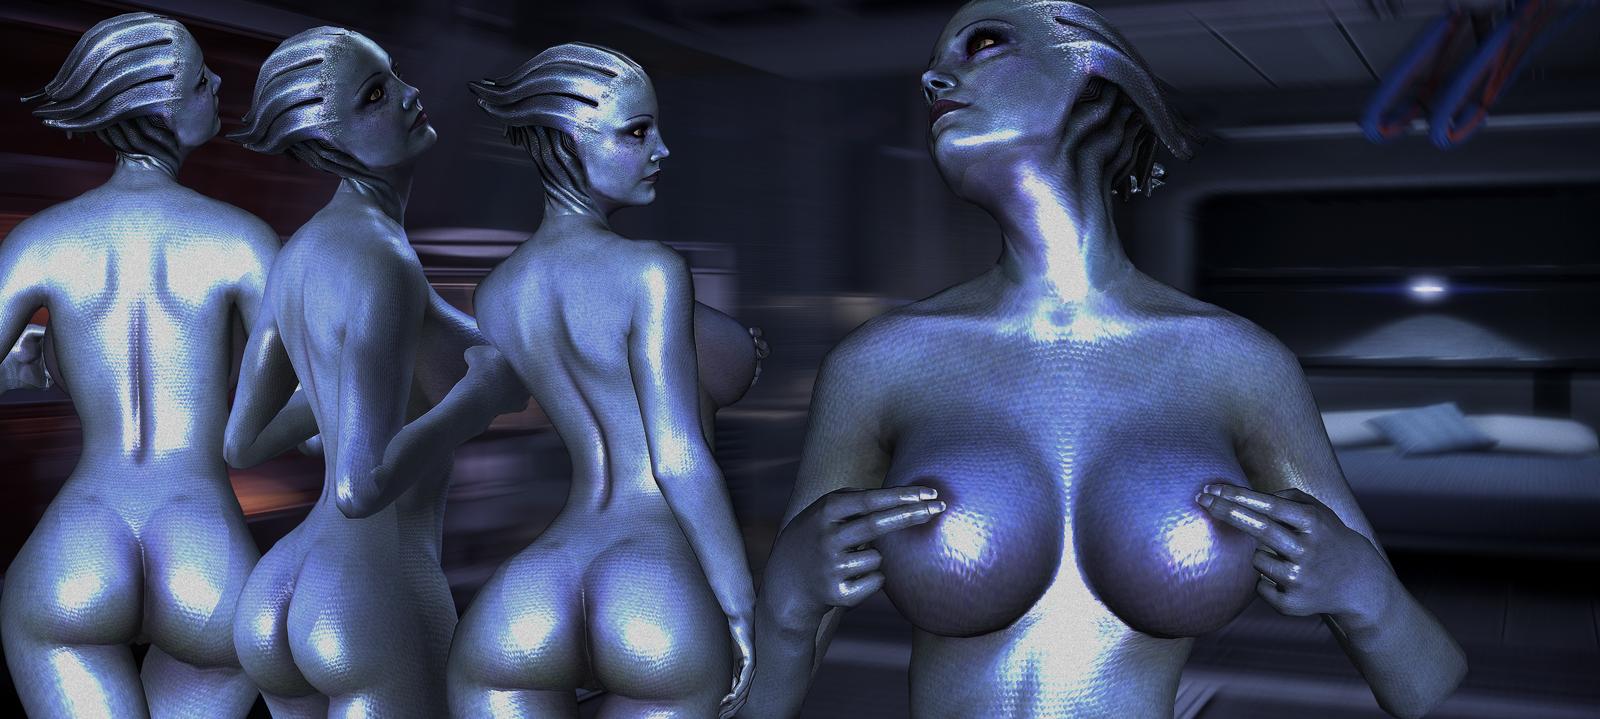 Dr eva mass effect 3 naked nsfw photo